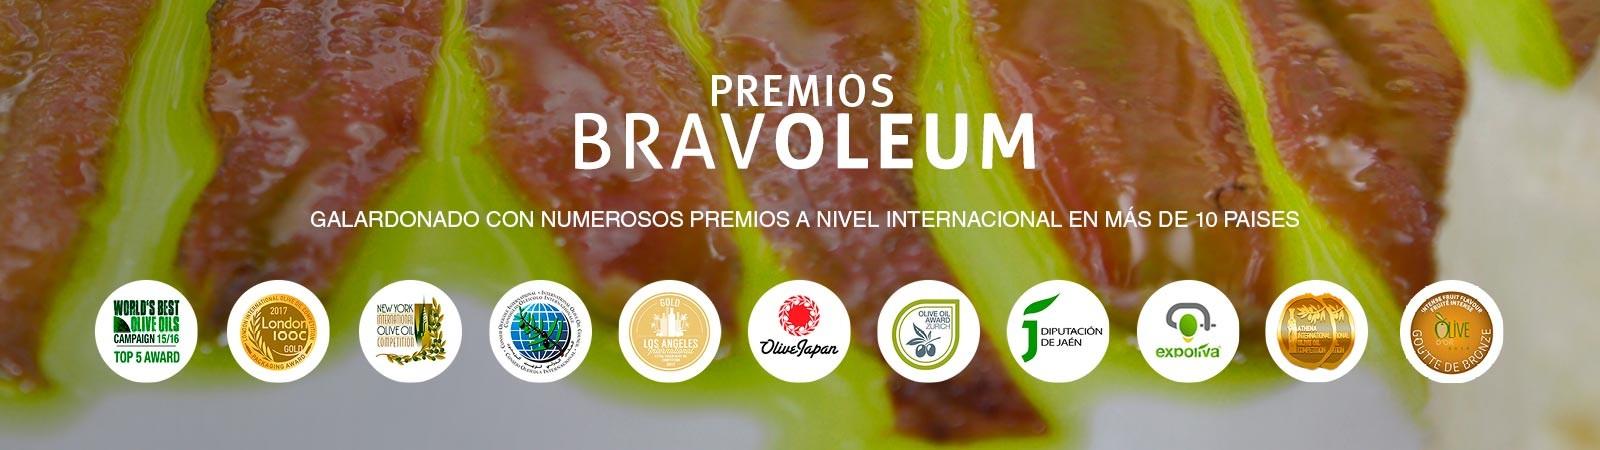 Productos selectos derivados del Aceite Bravoleum